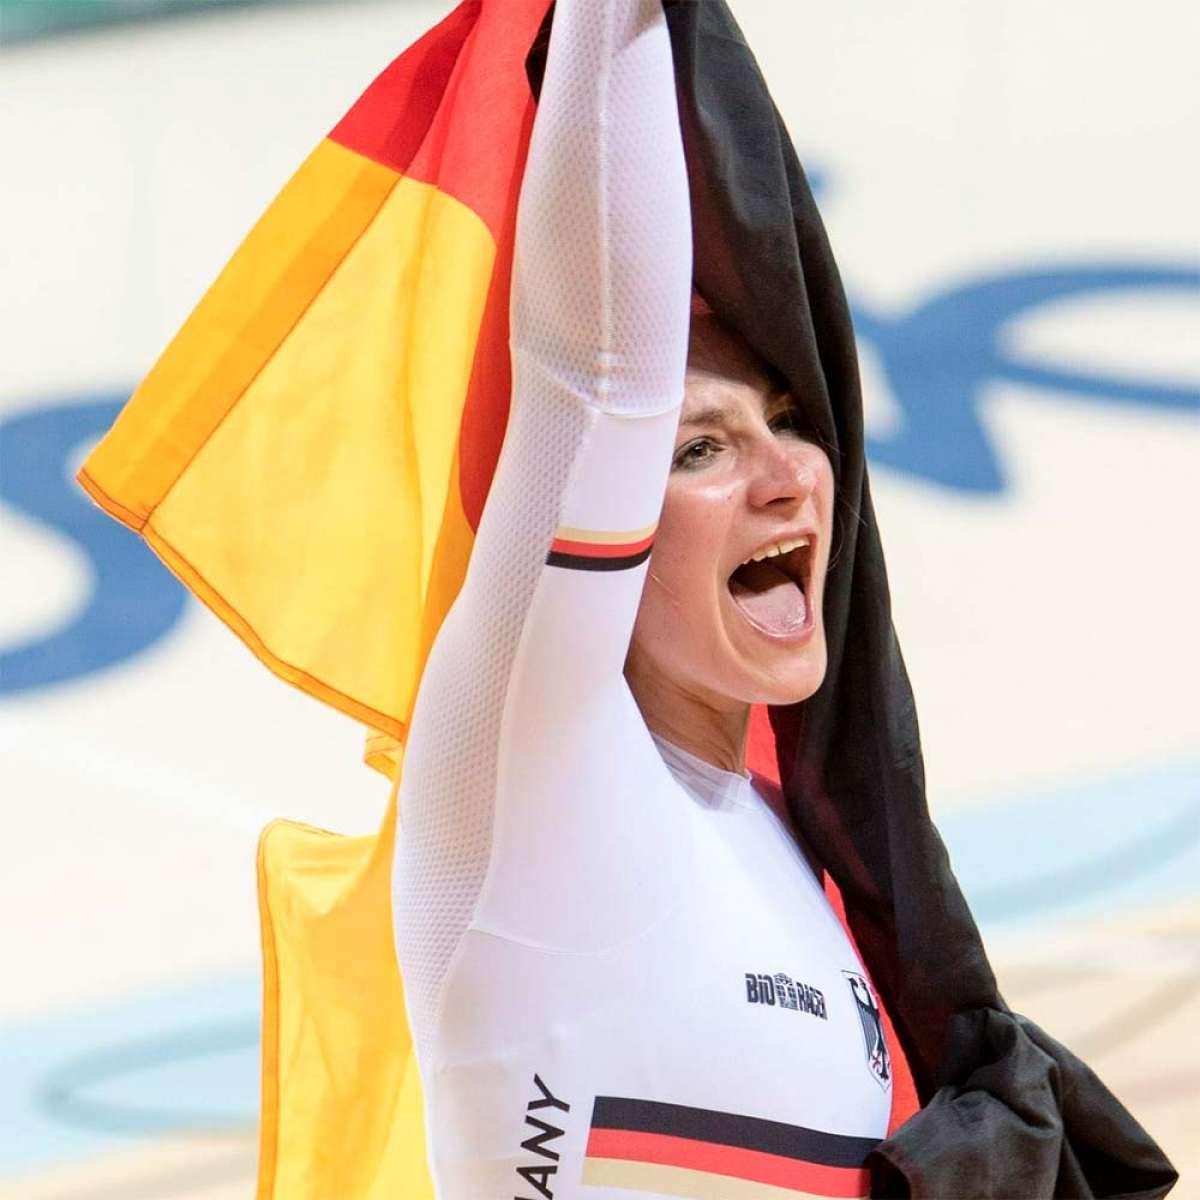 Se confirma lo peor: Kristina Vogel queda parapléjica tras su grave accidente